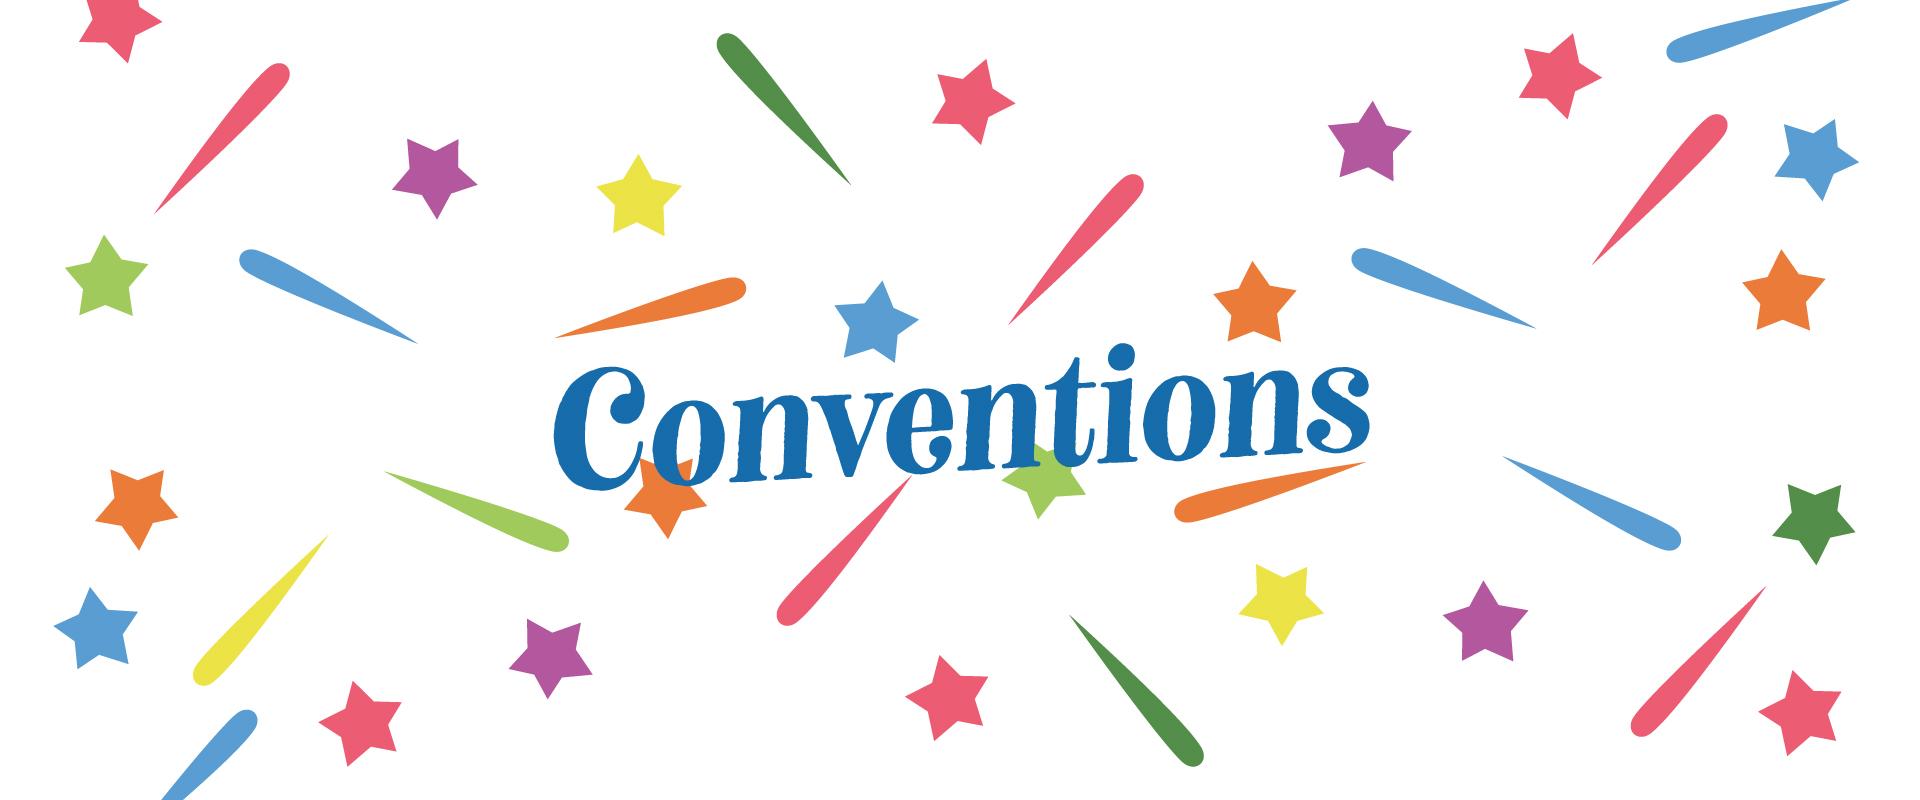 convencionts